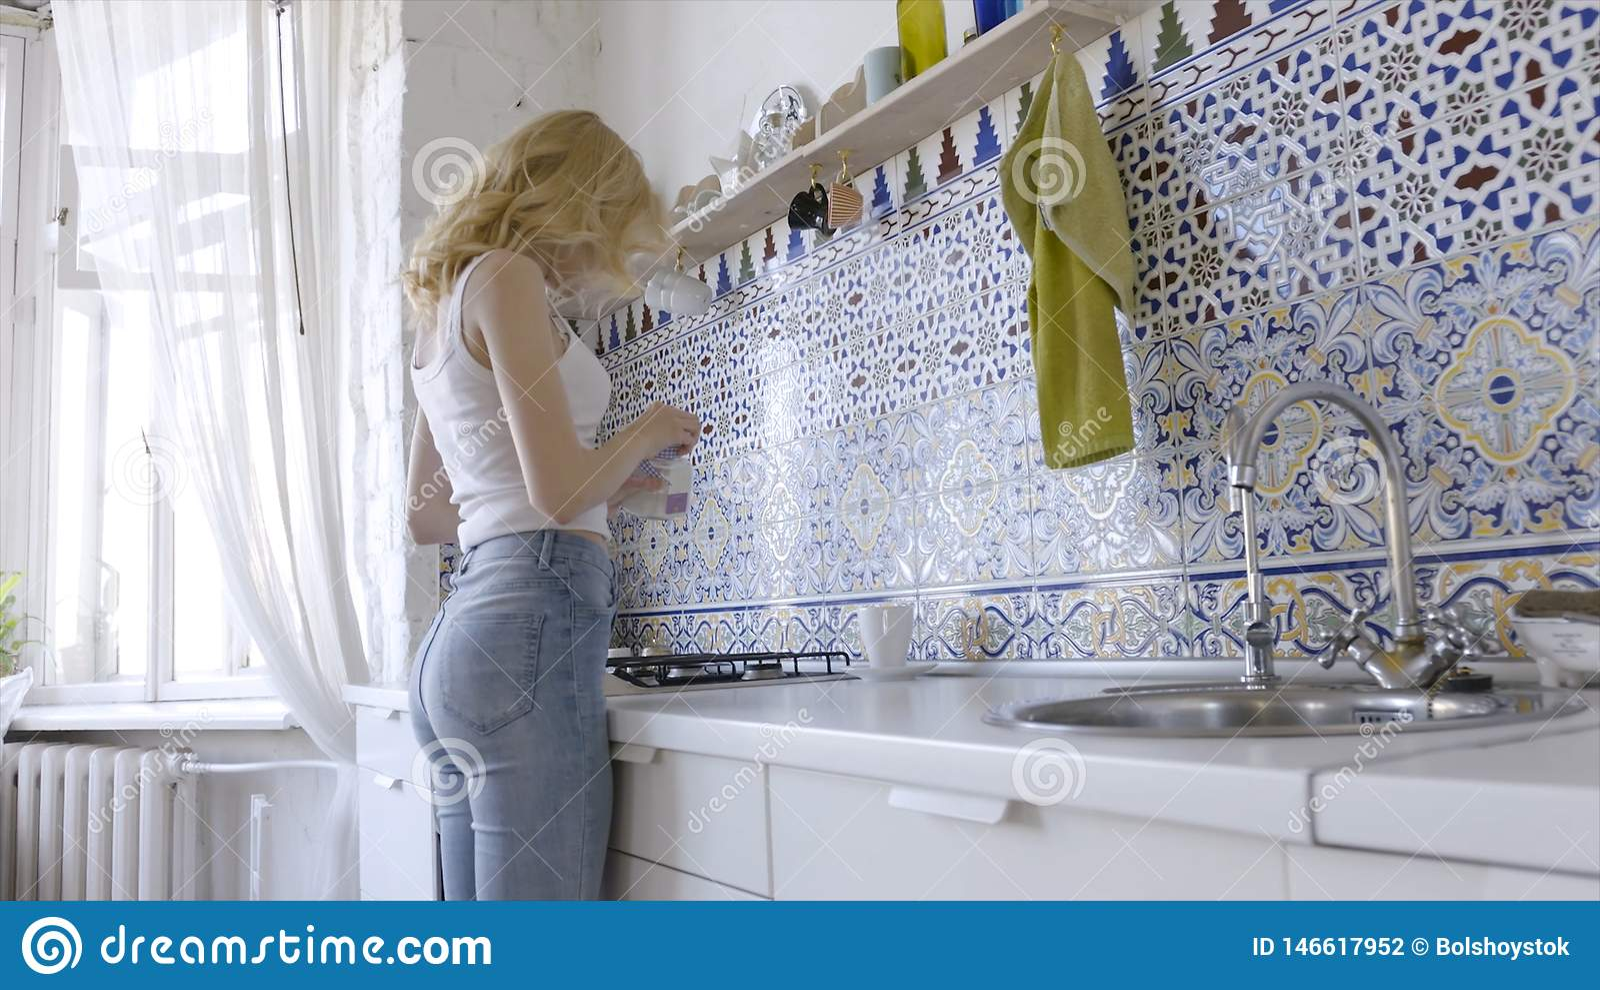 Χαλαρωμένη προκλητική ξανθή τοποθέτηση στην κουζίνα το πρωί r Προκλητική νέα ξανθή γυναίκα στην κουζίνα στο σπίτι